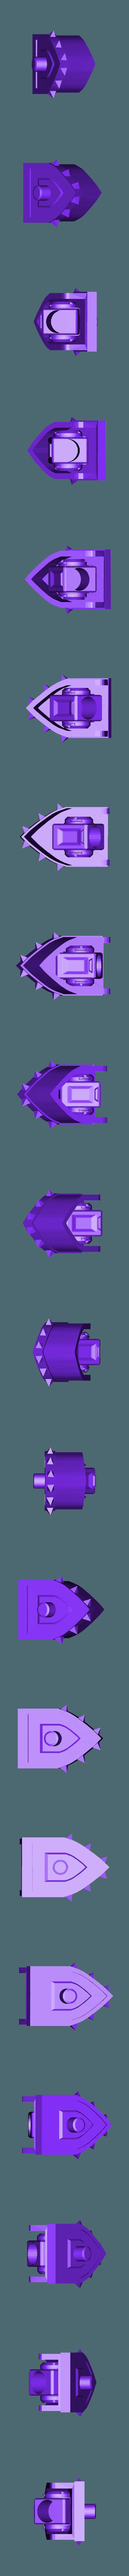 Penny 2.0 Shoulder1.stl Download STL file Penny Nun Bot 2.0 • 3D print model, Leesedrenfort